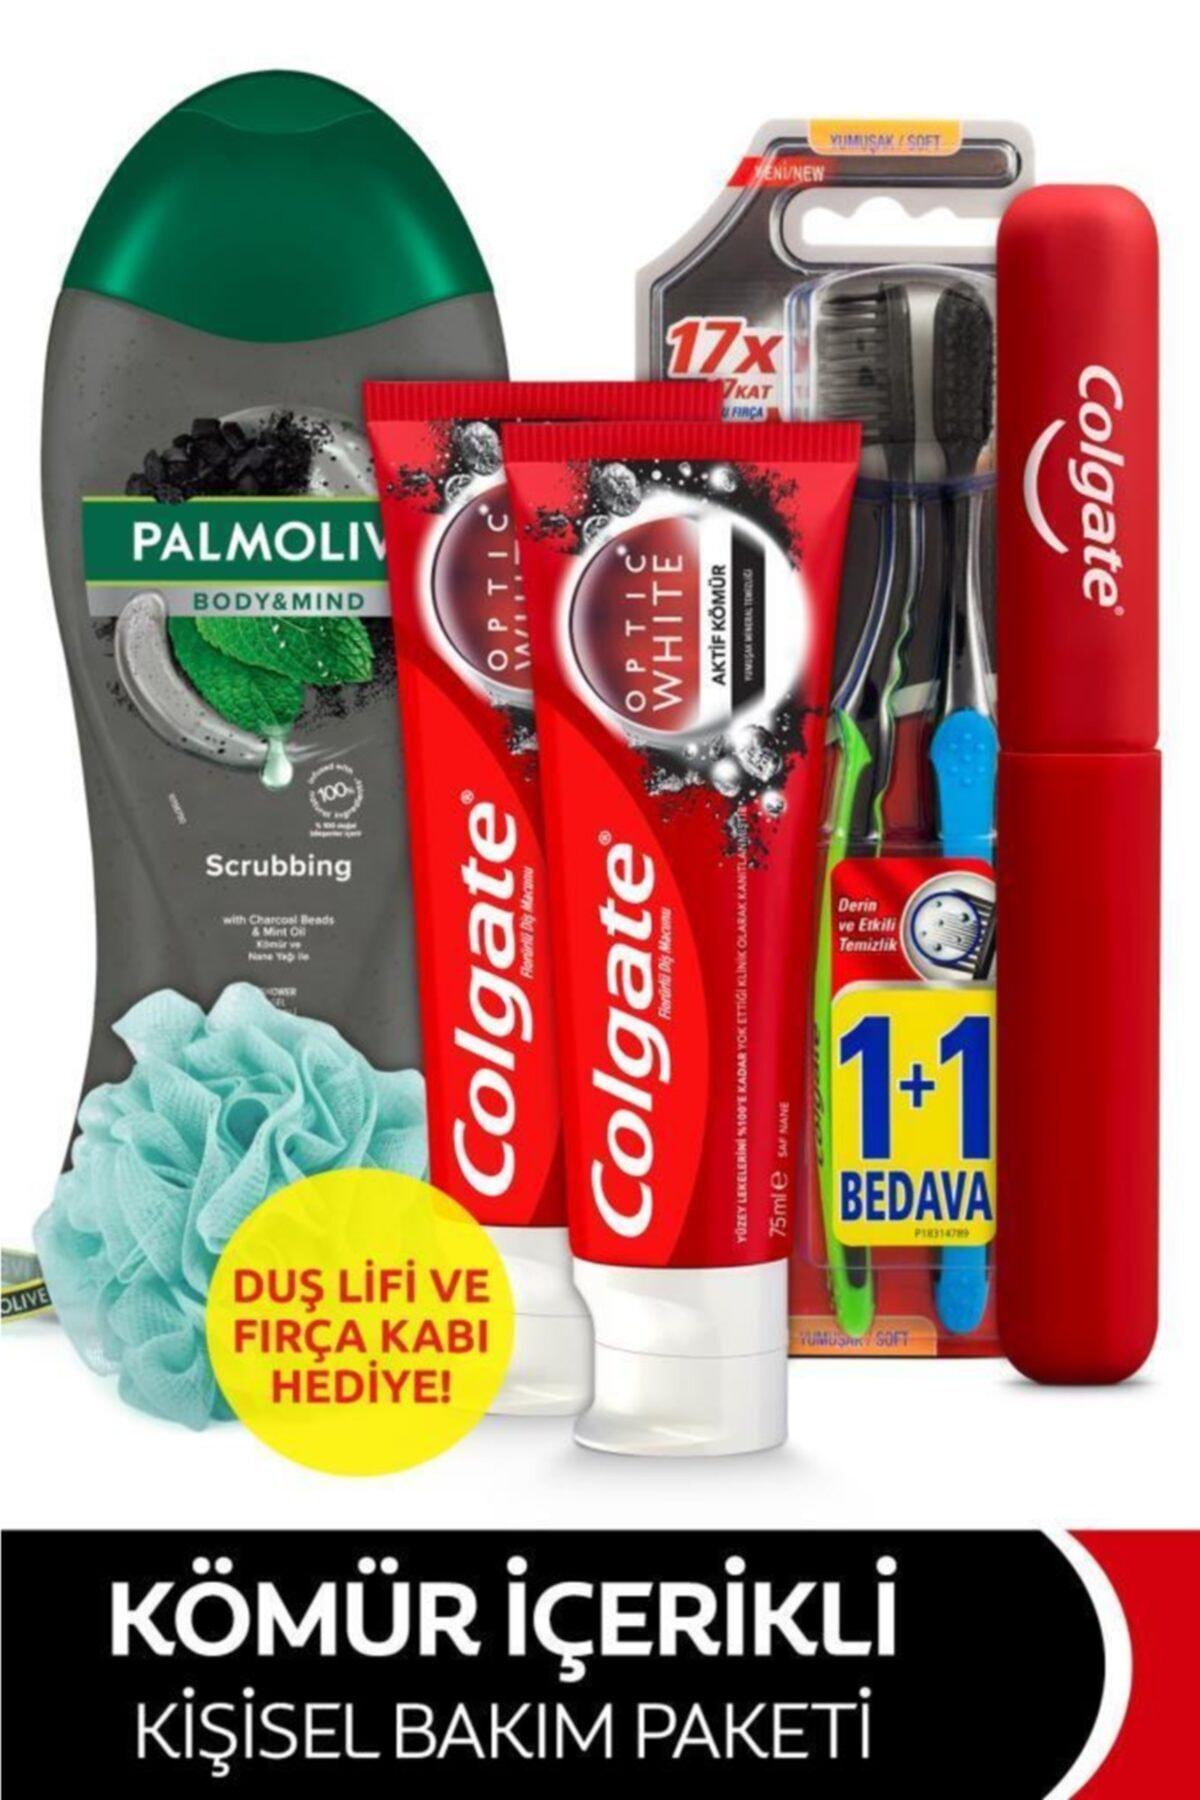 Diş Macunu 75 Mlx2,yumuşak Diş Fırçası 1+1,palmolive Duş Jeli 500ml+fırça Kabı&duş Lifi Hedi